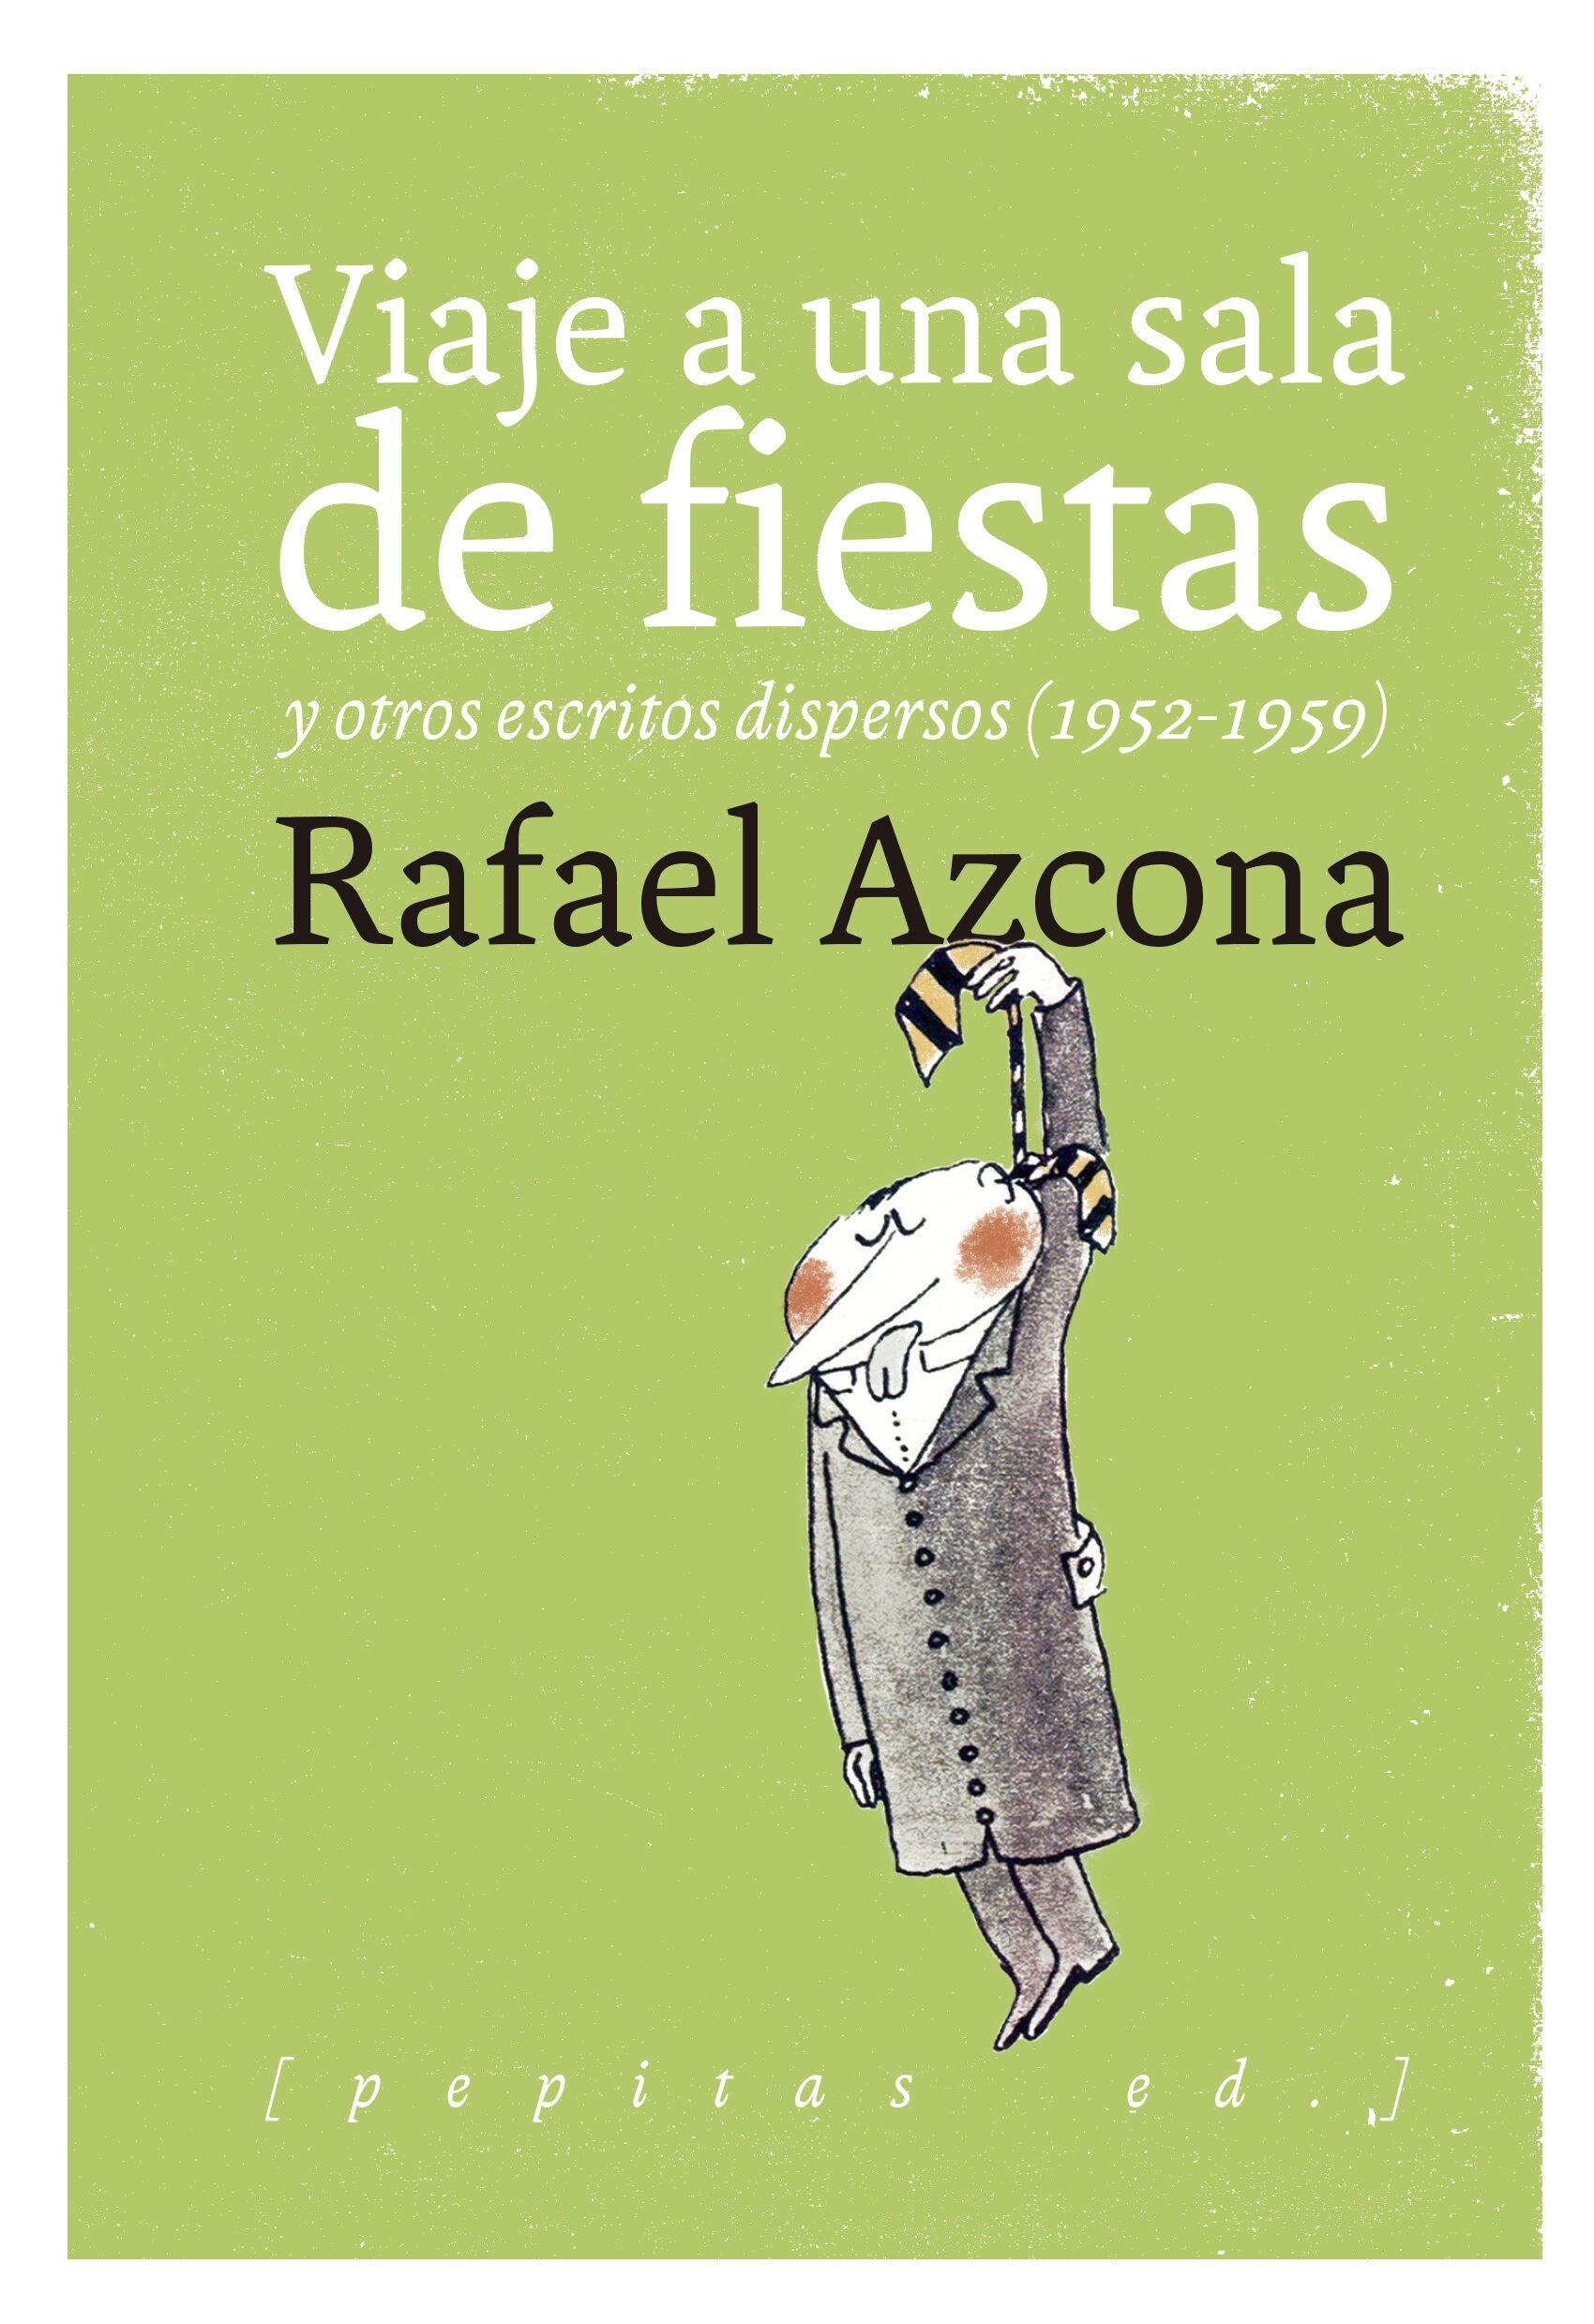 Viaje A Una Sala De Fiestas Y Otros Escritos Dispersos (1952-1959 ) por Rafael Azcona Fernandez